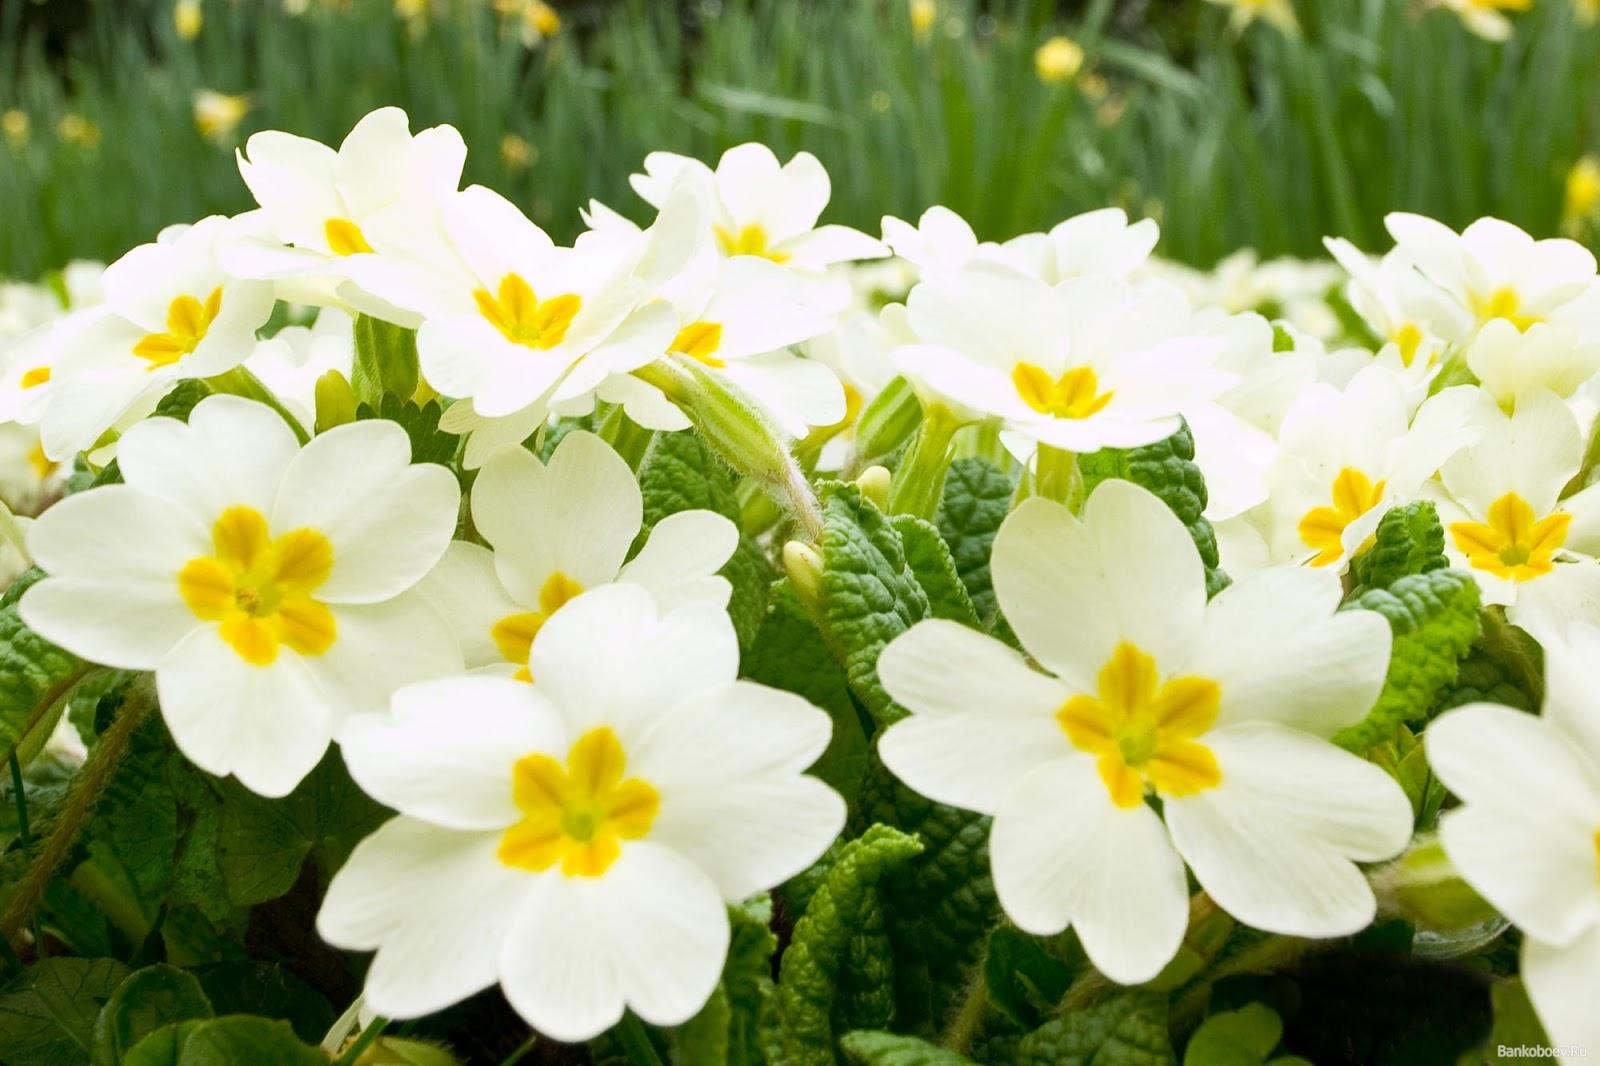 wallpapernarium Lindas flores blancas con centro amarillo